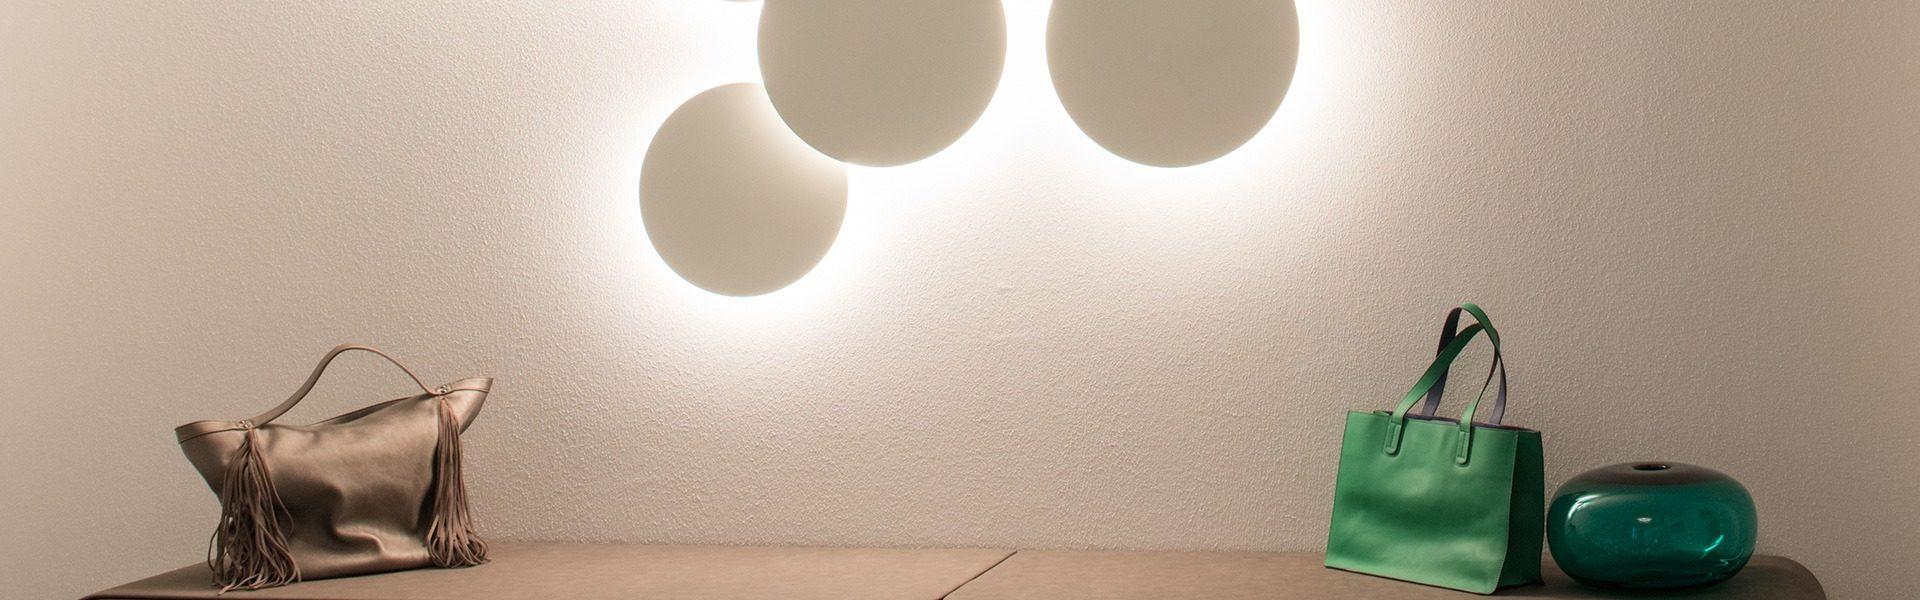 indirekte Beleuchtung Bild Referenz